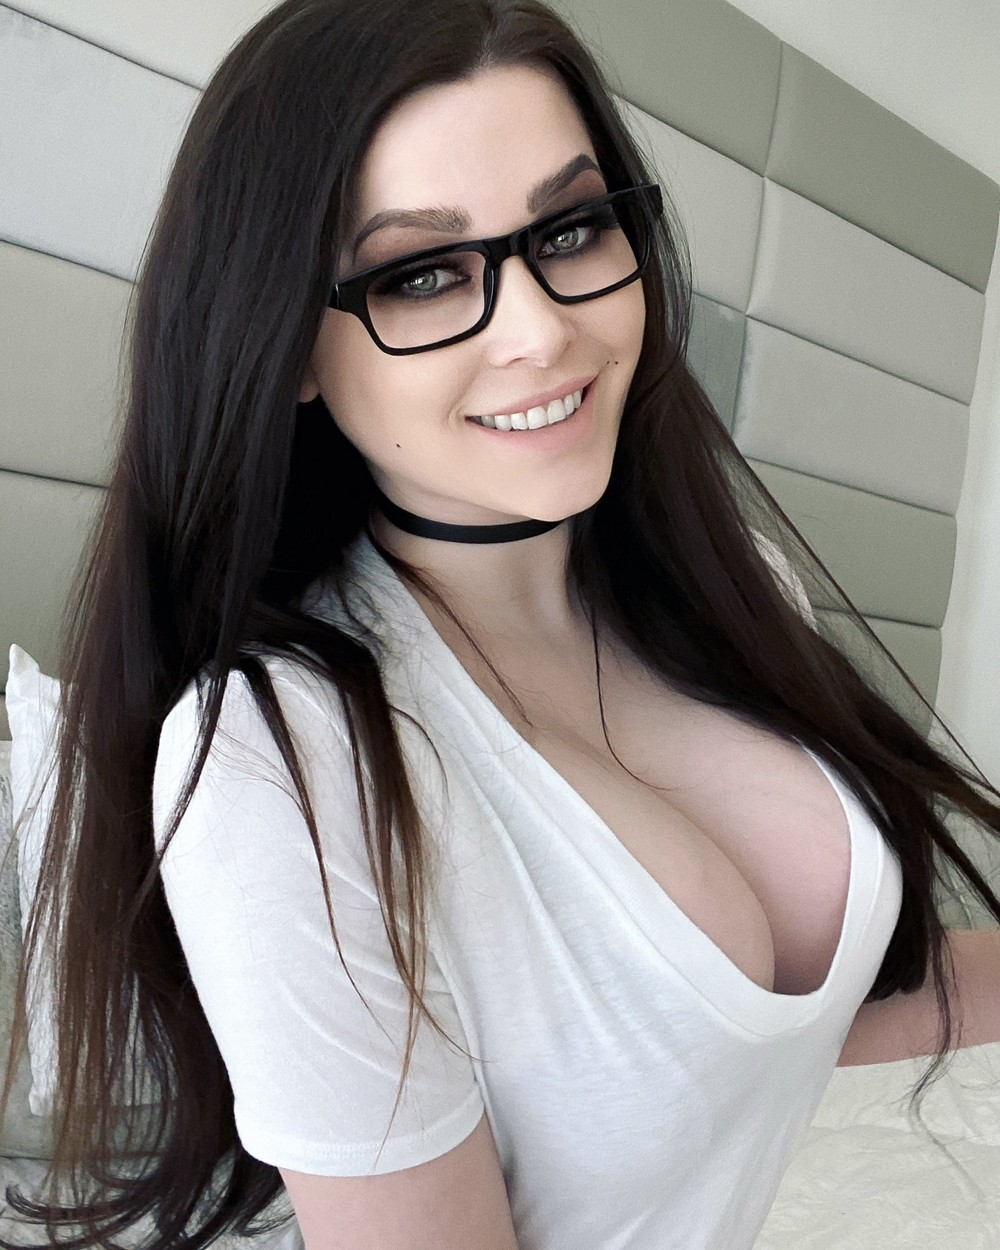 Красивые девушки улыбаются